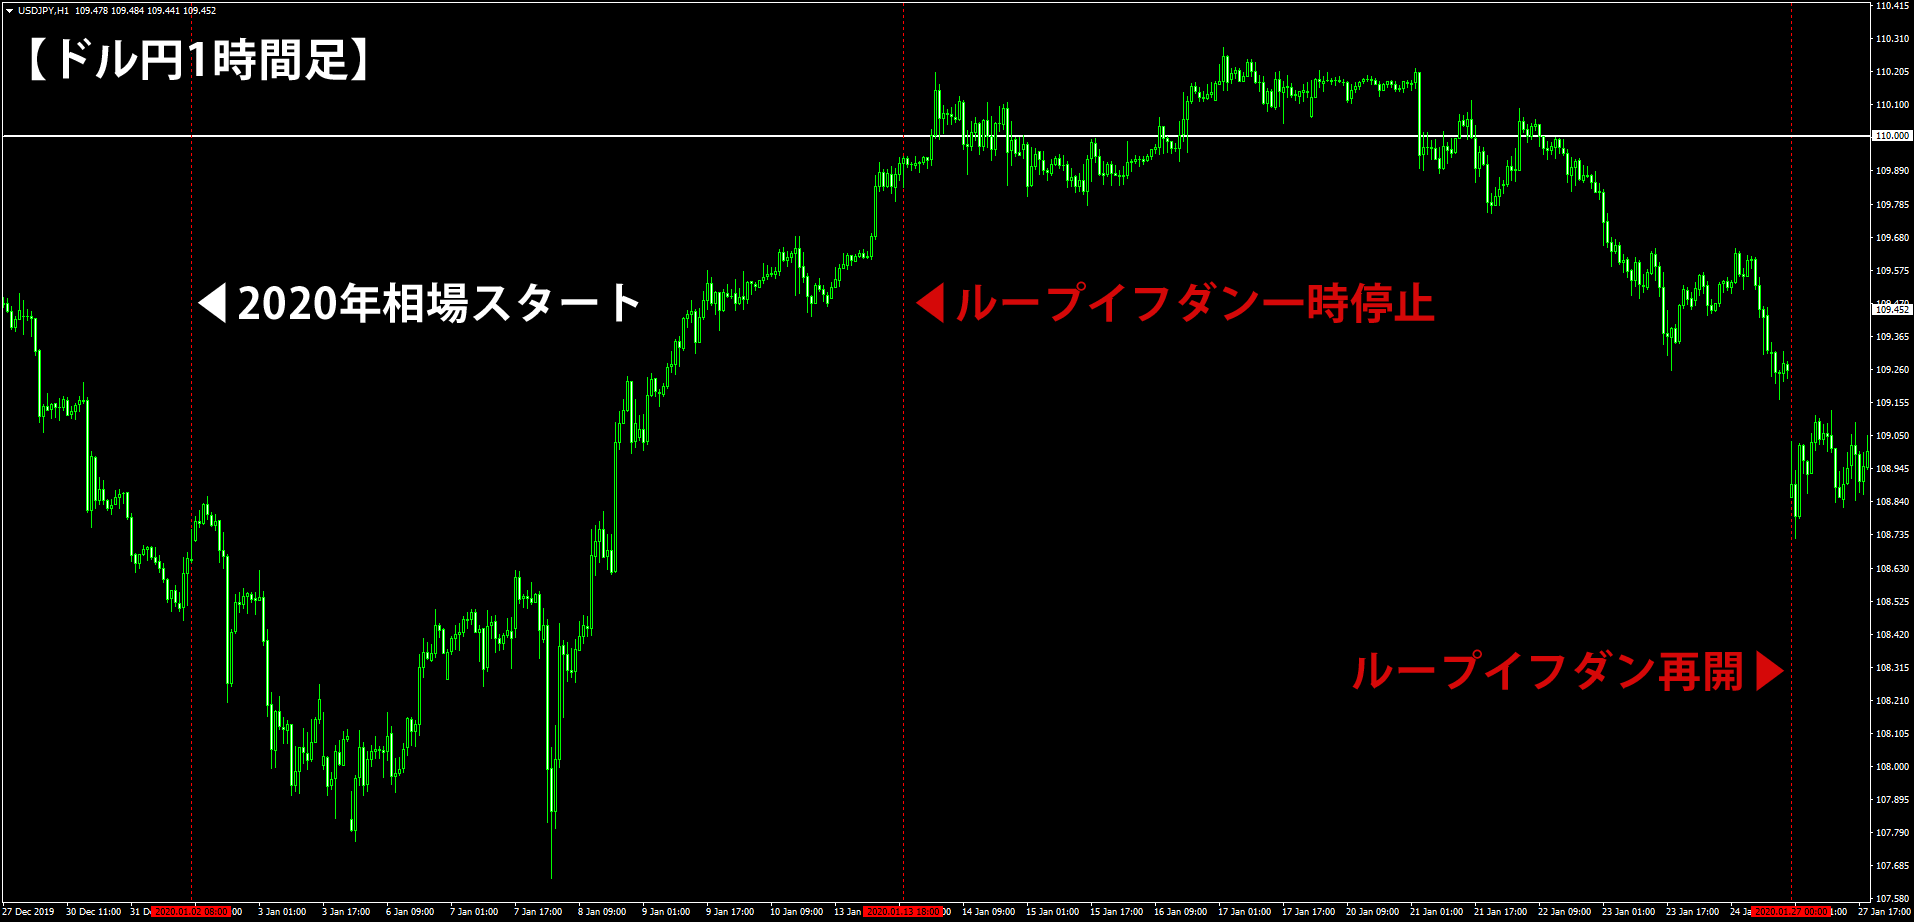 2020年2月5日時点のドル円の1時間足チャート